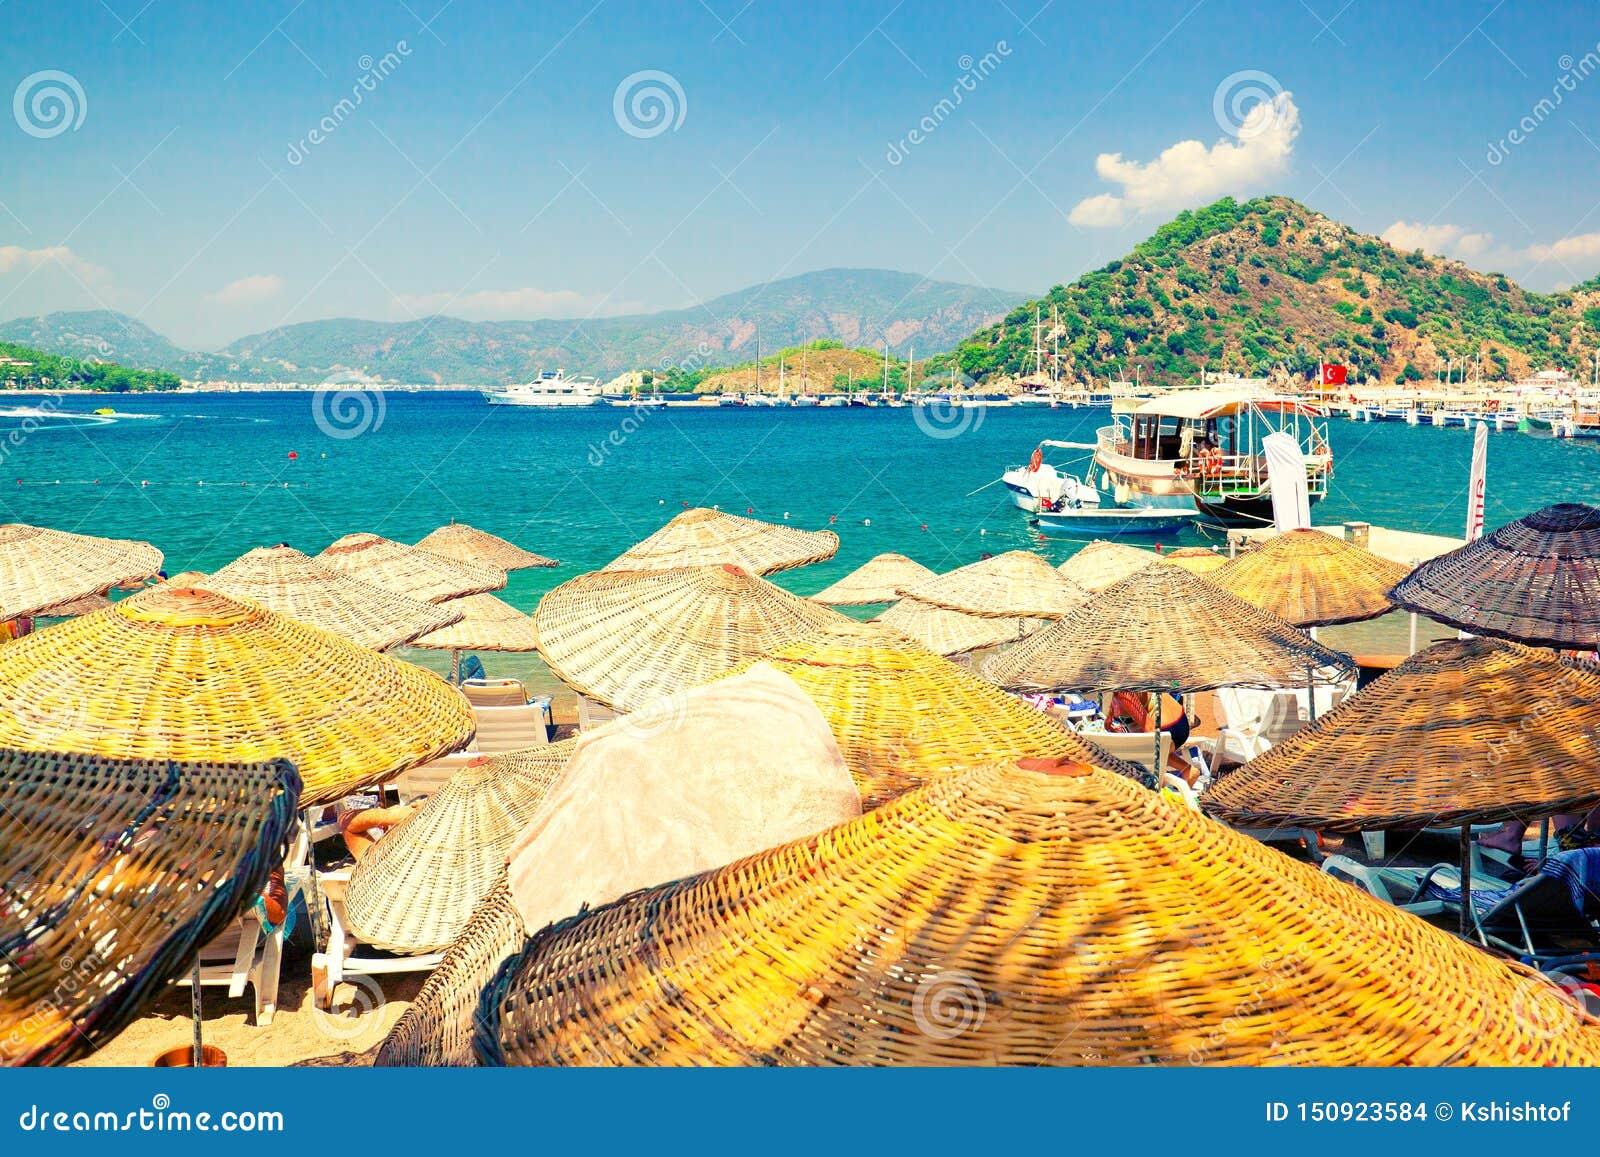 Malerische Weidenstrandschirme auf sonnigem Strand von türkischem Riviera